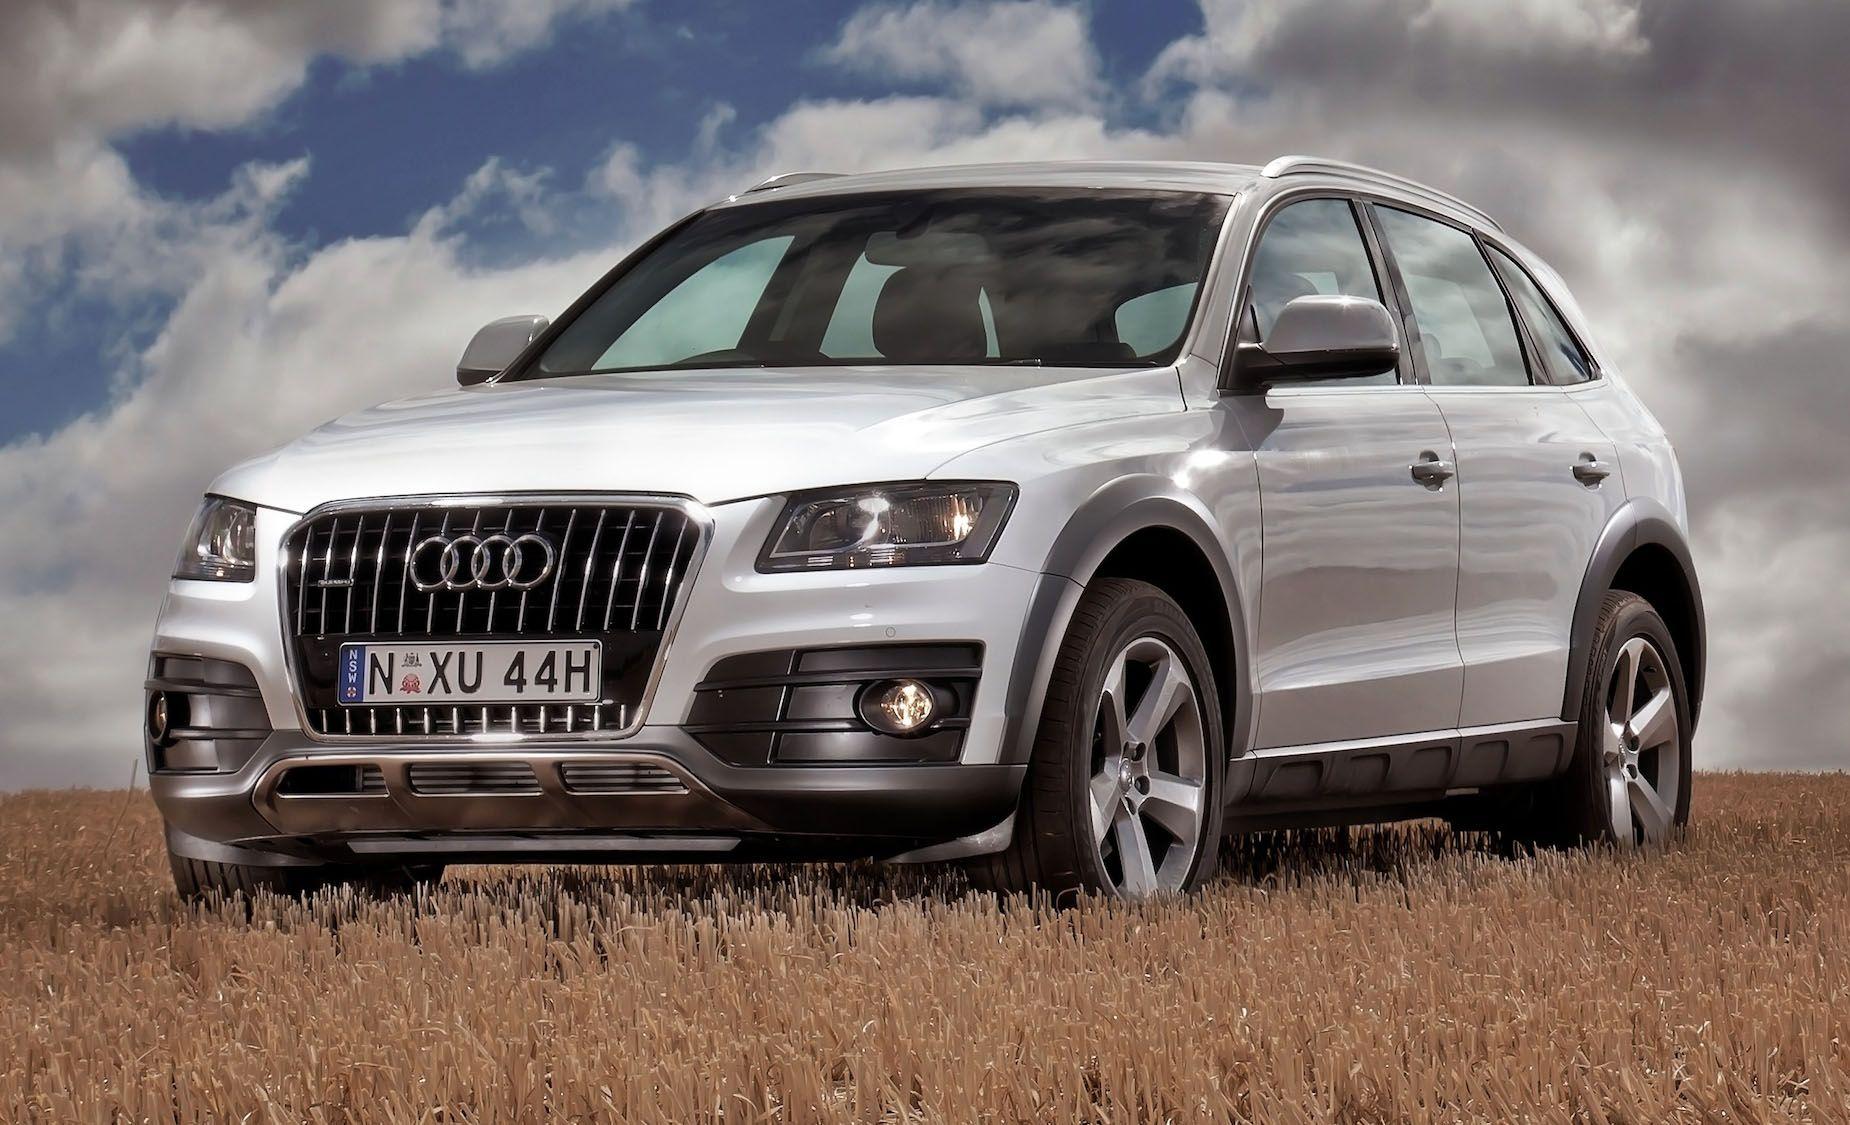 Audi Q5 2013 Audi Q5 Review 2013 Q5 2 0 And 3 0 Tfsi Petrol 2 0 And 3 0 Tdi